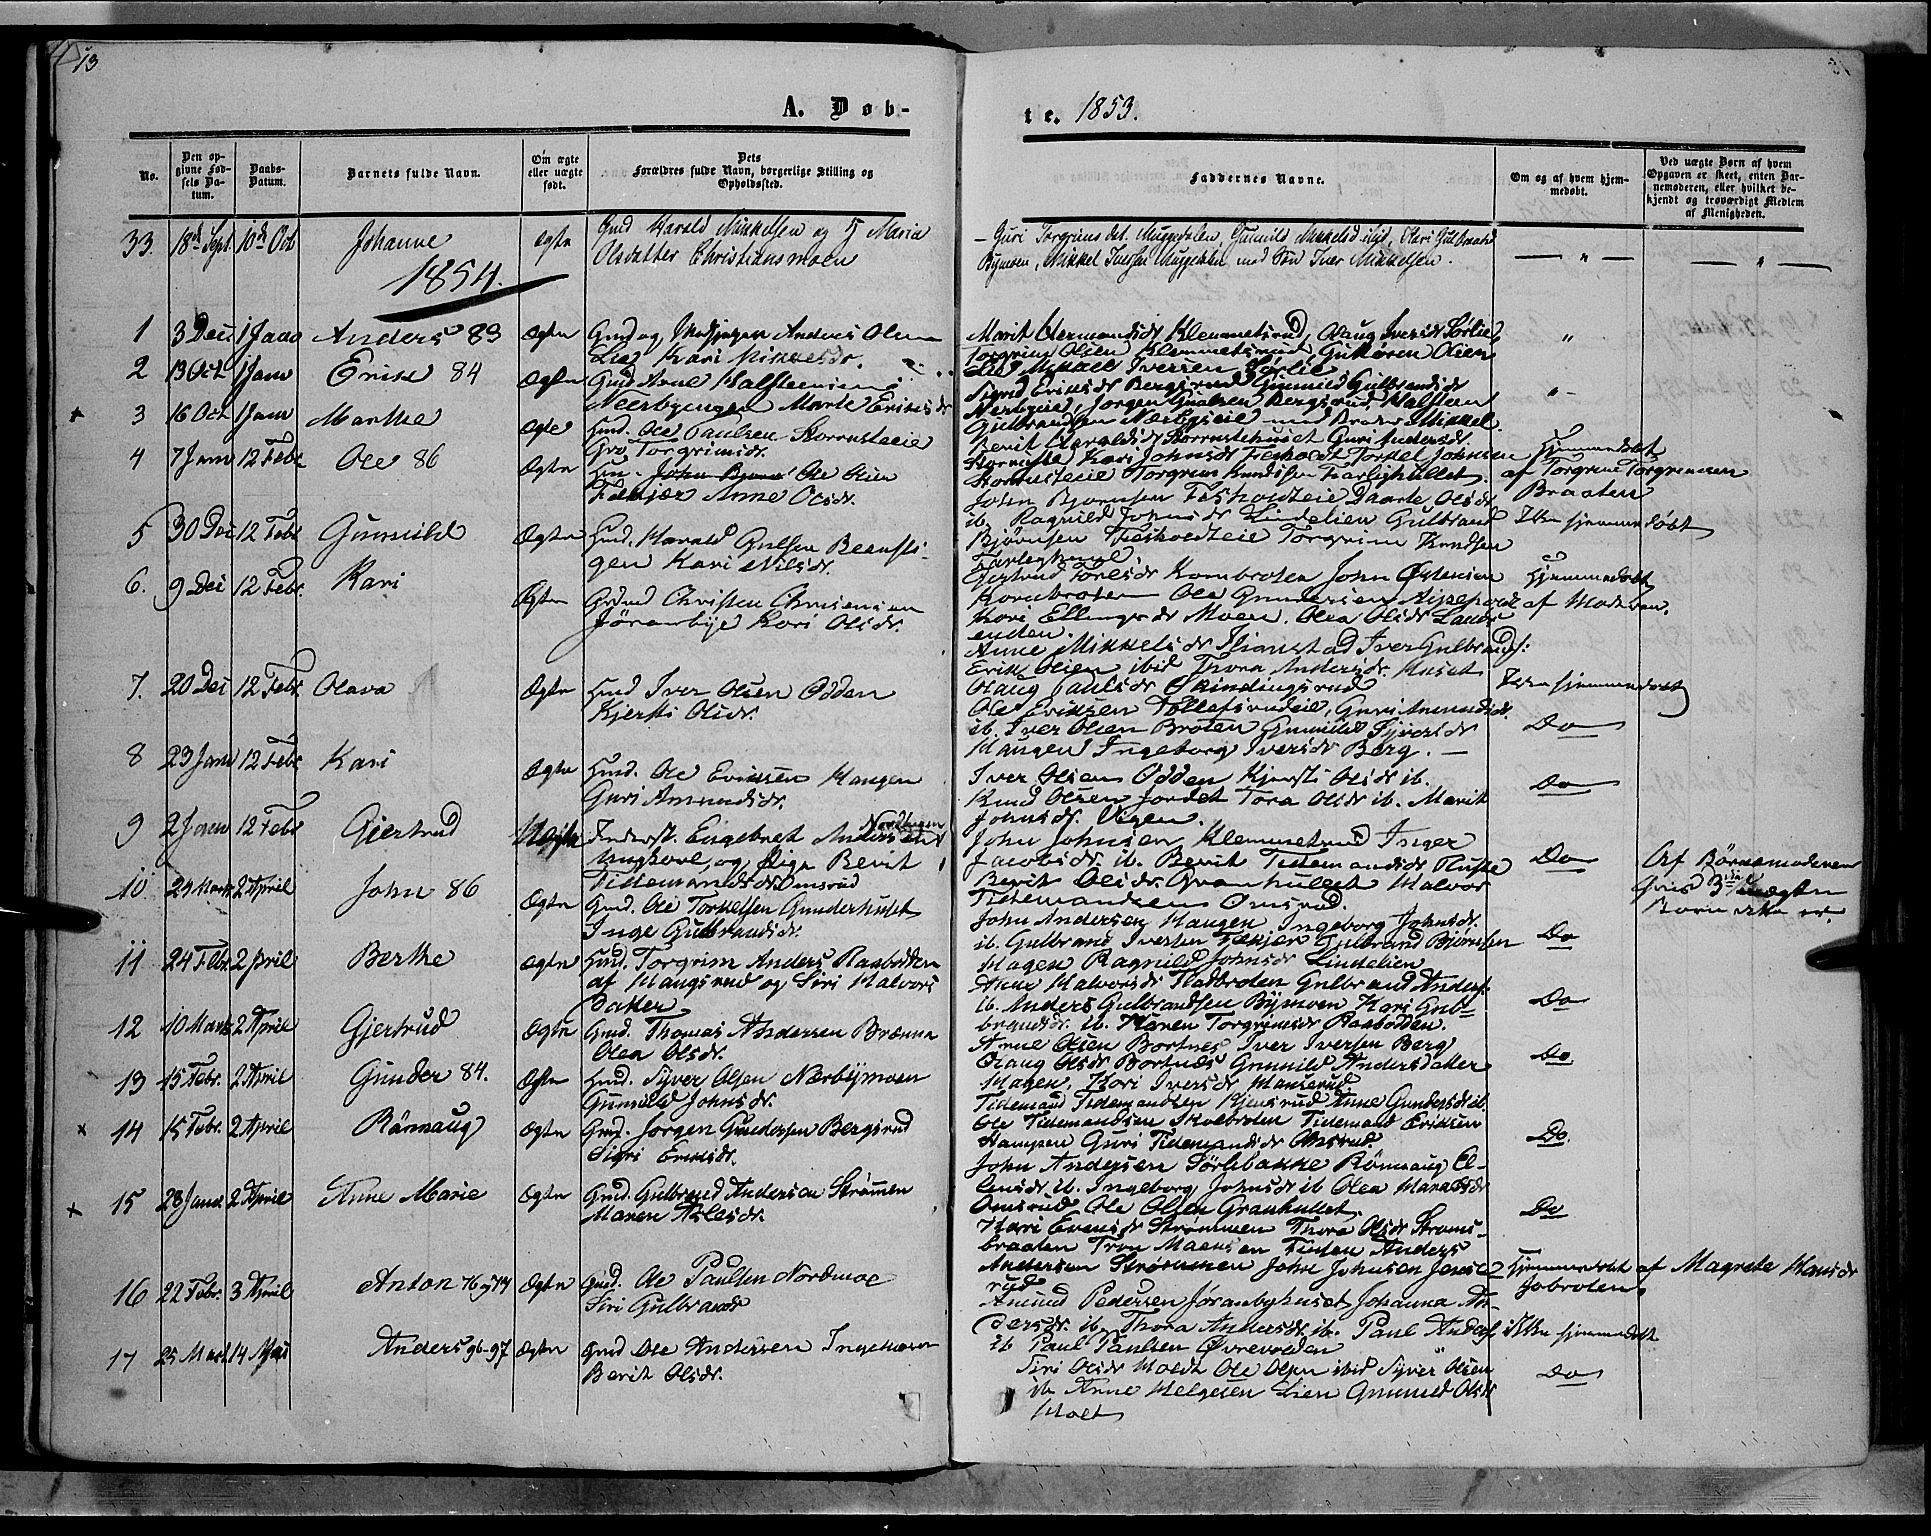 SAH, Sør-Aurdal prestekontor, Ministerialbok nr. 7, 1849-1876, s. 13